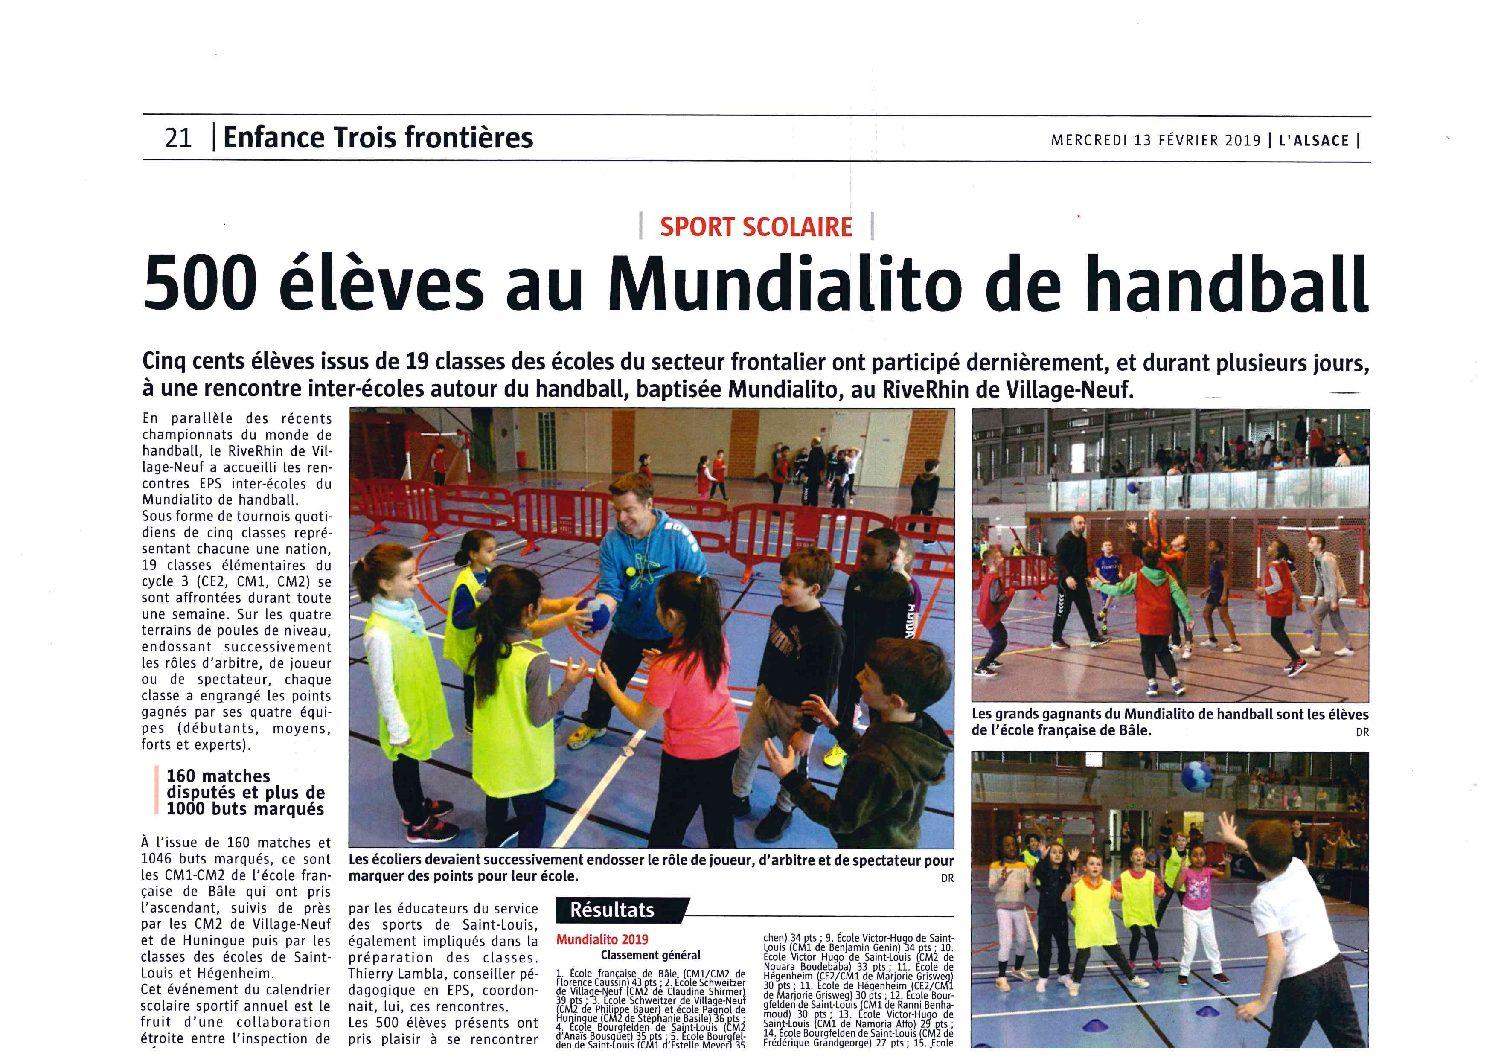 Article du journal l'Alsace de février 2019 – Mundialito de Handball